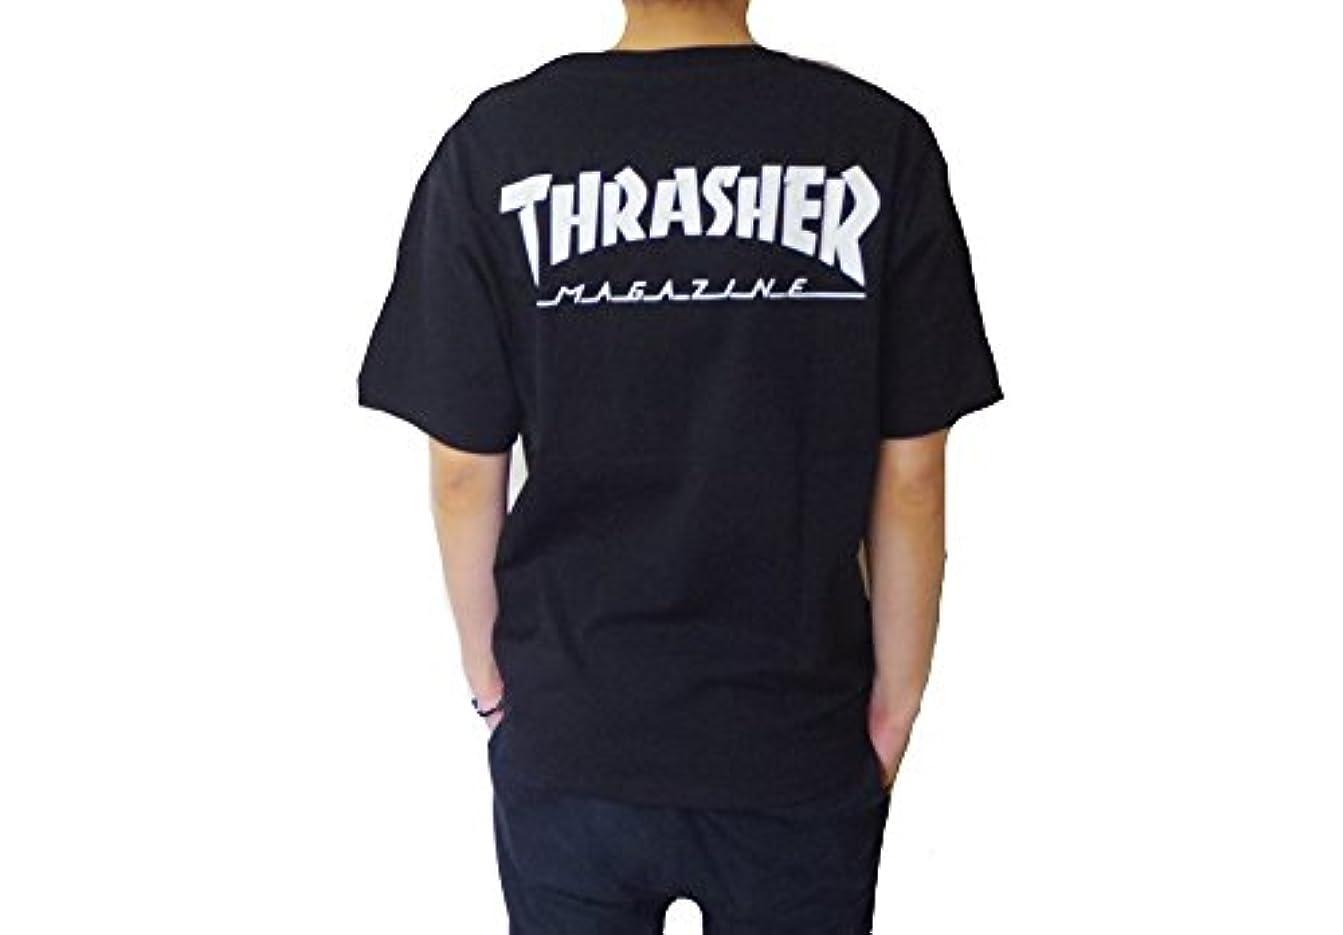 デコラティブ受け入れる普遍的なTHRASHER ポケットTシャツ 半袖Tシャツ WHITE BLK/WHT BLK/ORG 3カラー スラッシャー HOMETOWN POCKET TEE th8102ept